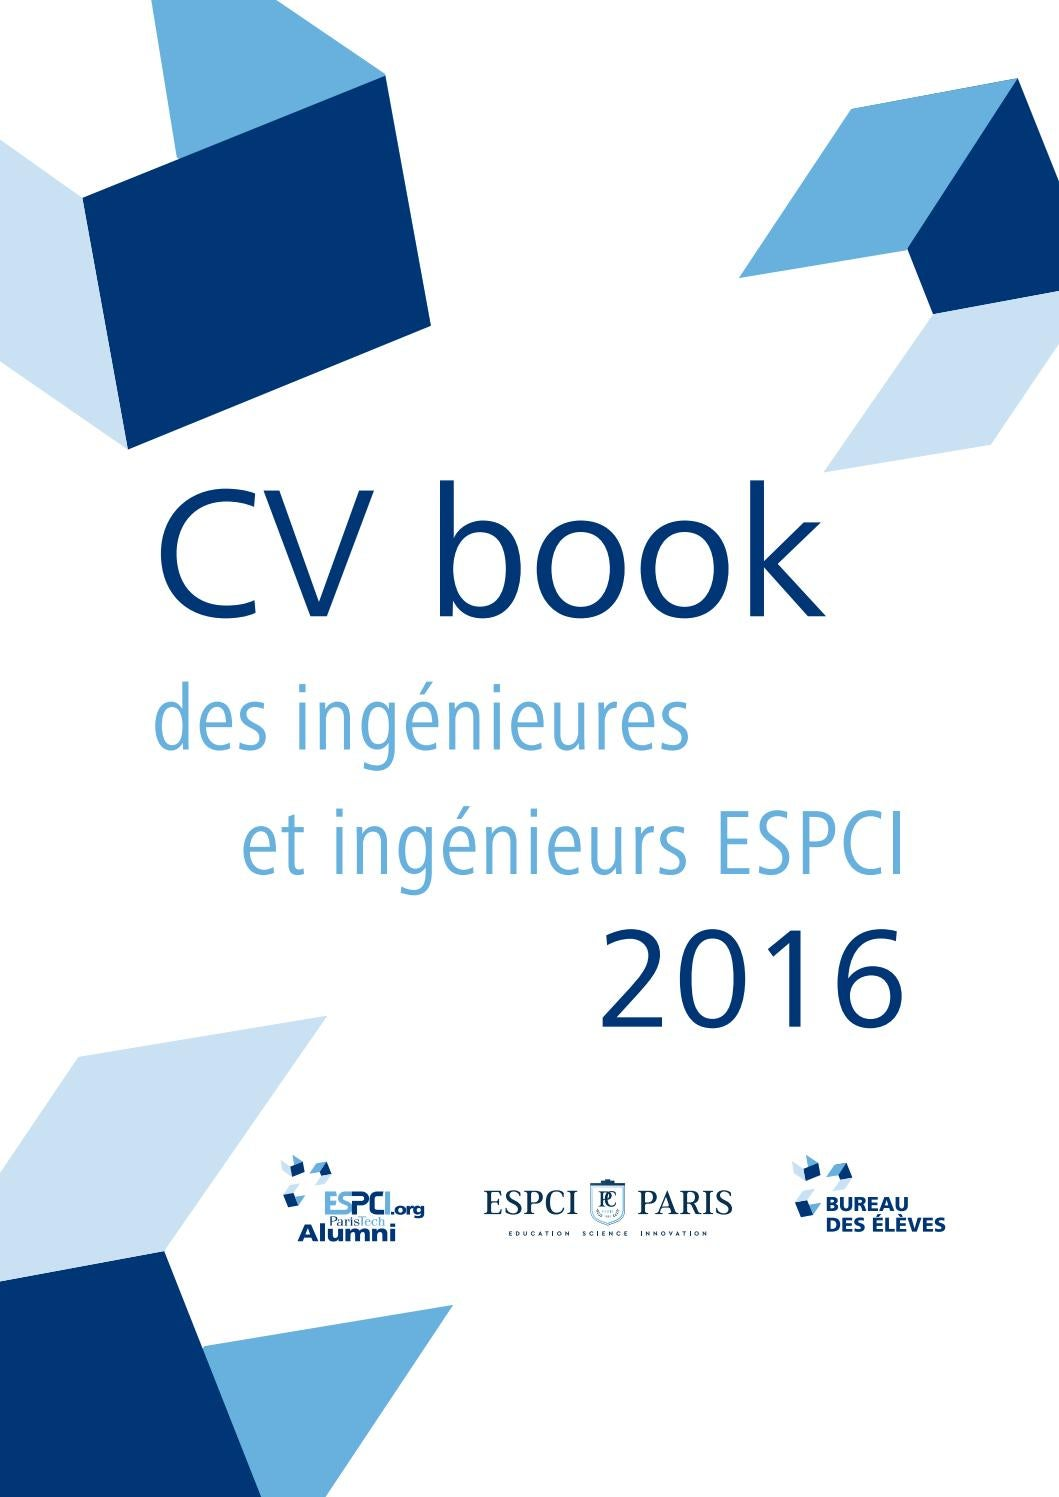 cv book espci alumni 2016 by espci alumni